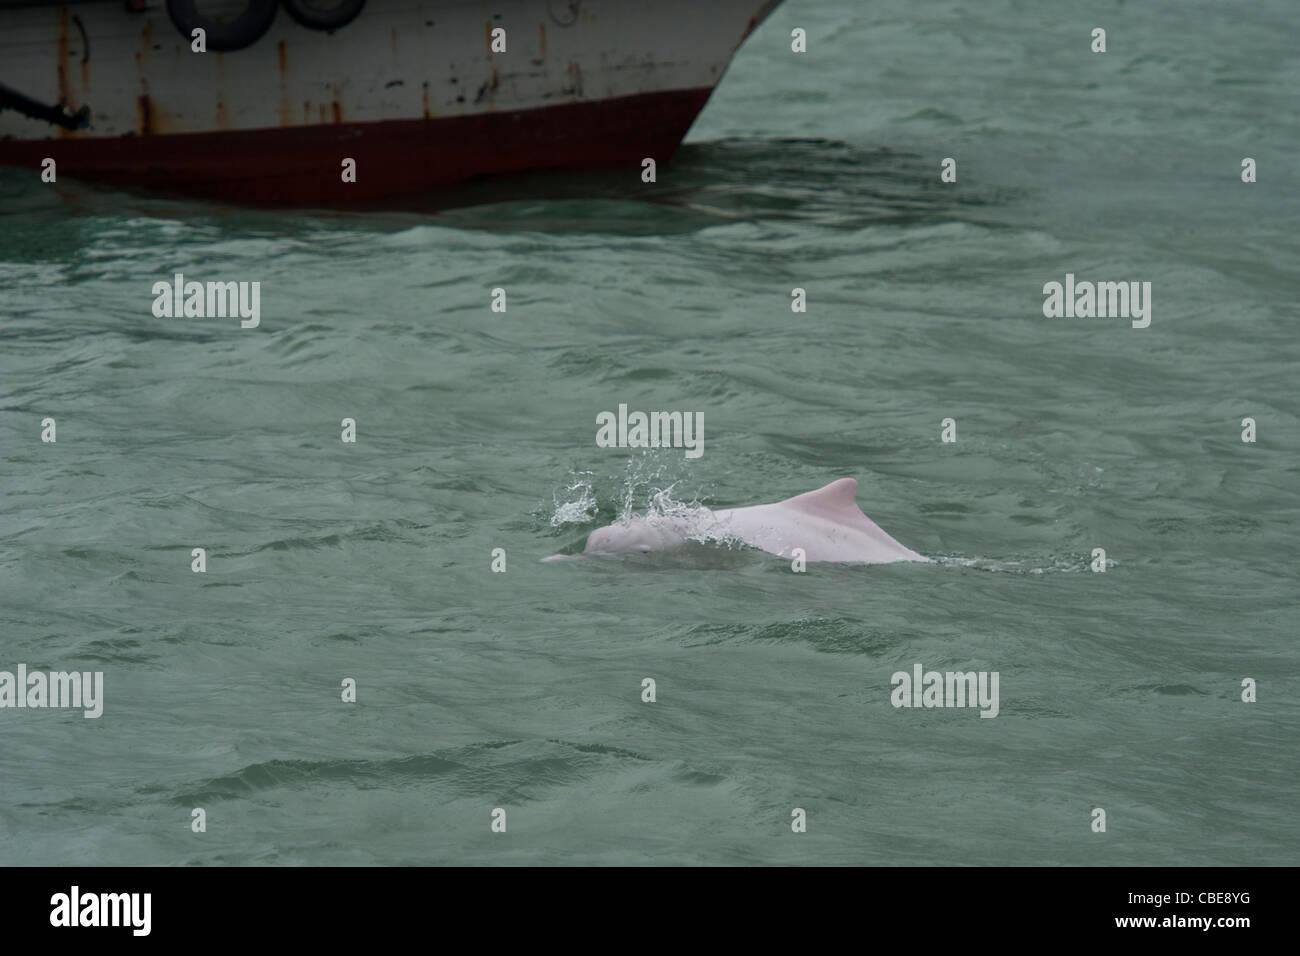 Indo-Pacific Humpback Dolphin (Sousa chinensis), avoiding boat-traffic. Hong Kong, Pearl River Delta. - Stock Image